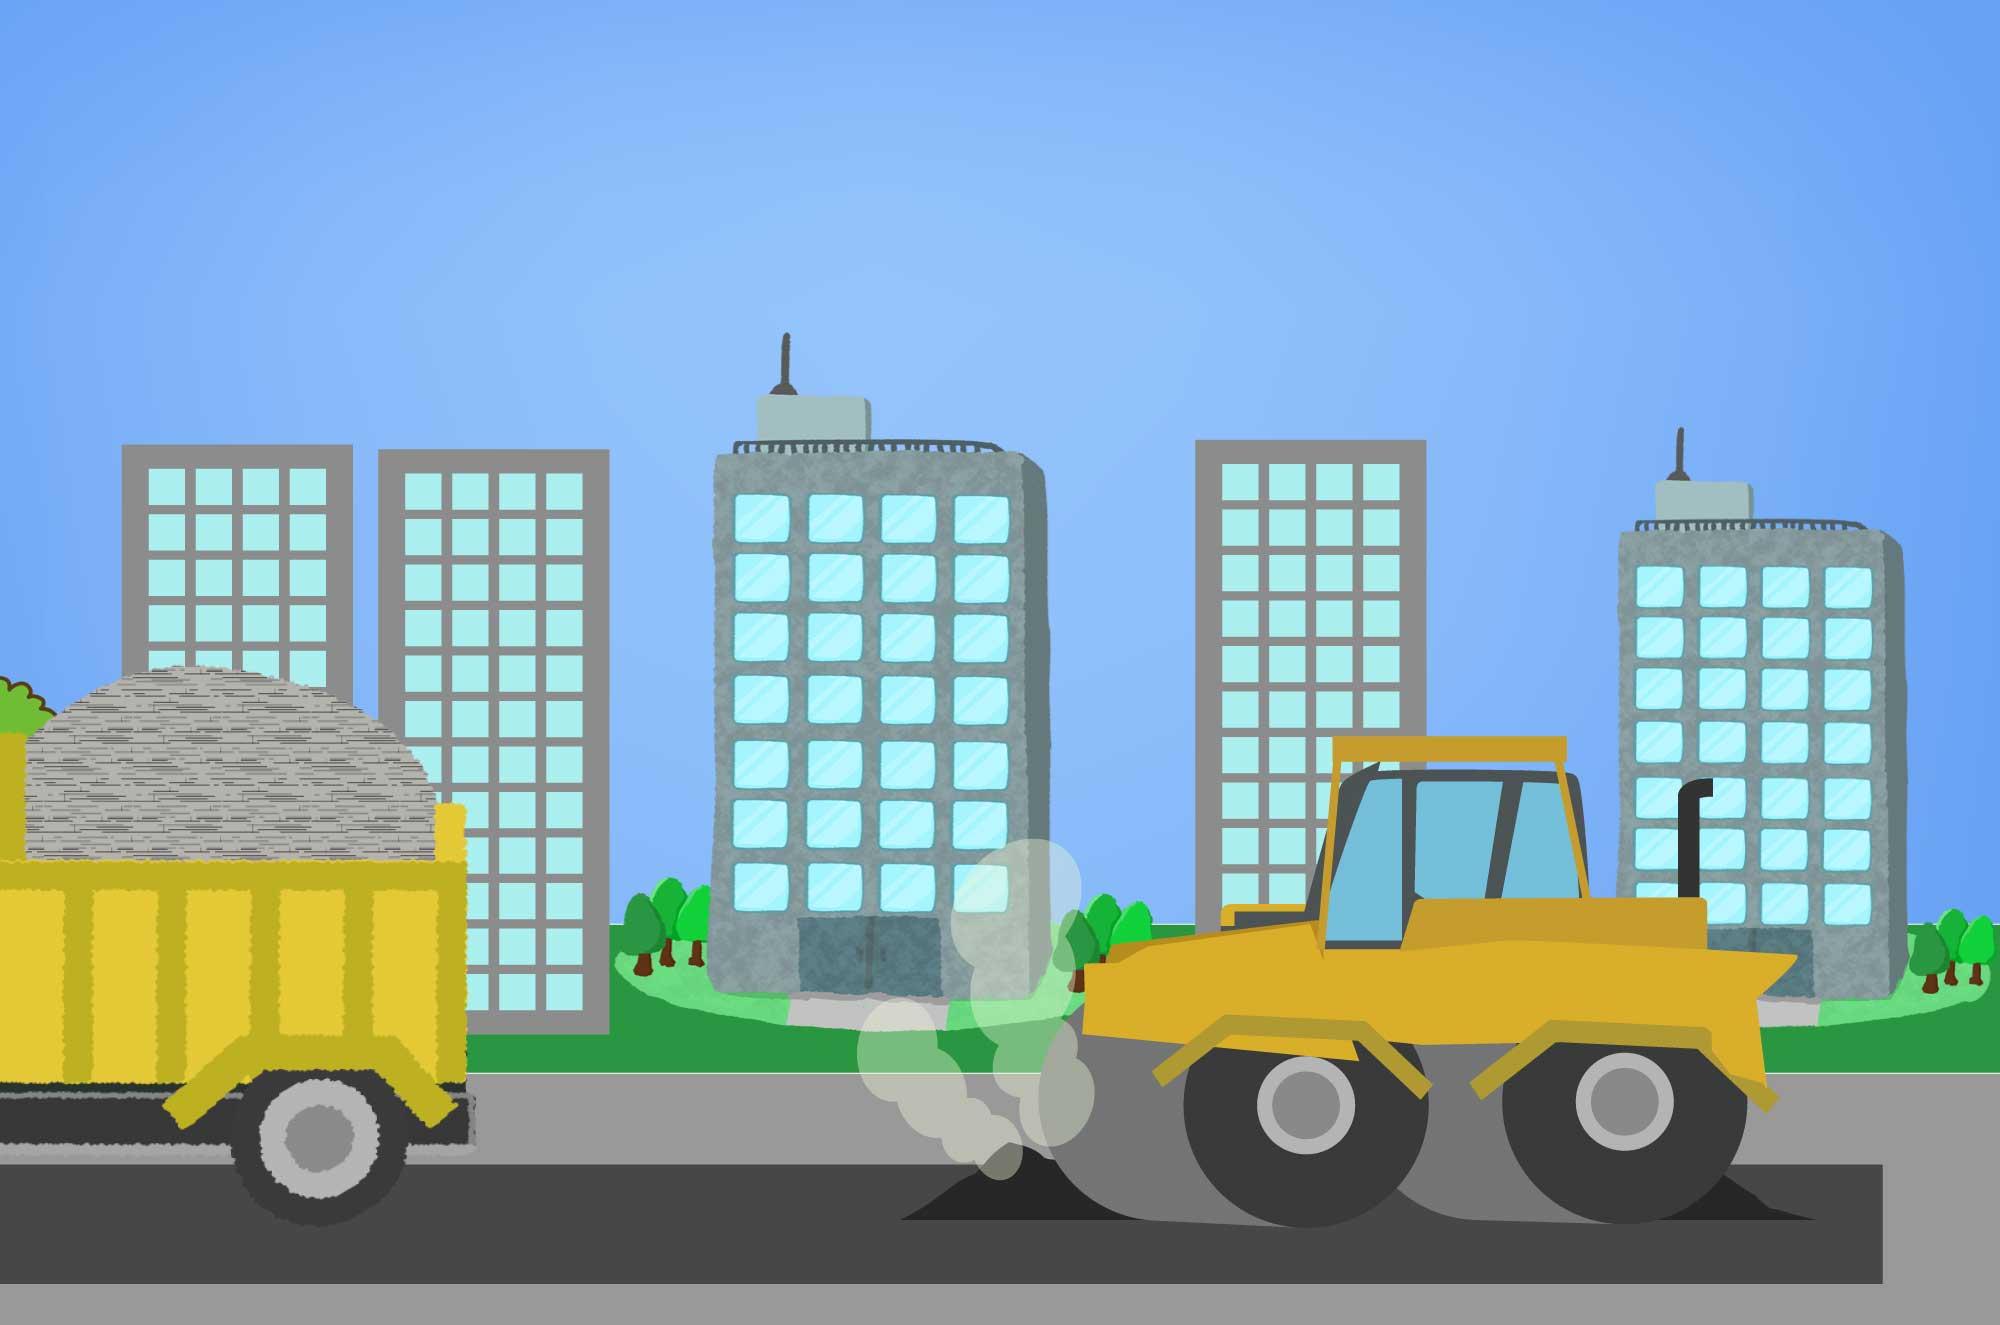 ロードローラーの無料イラスト - 道路を作る車の素材